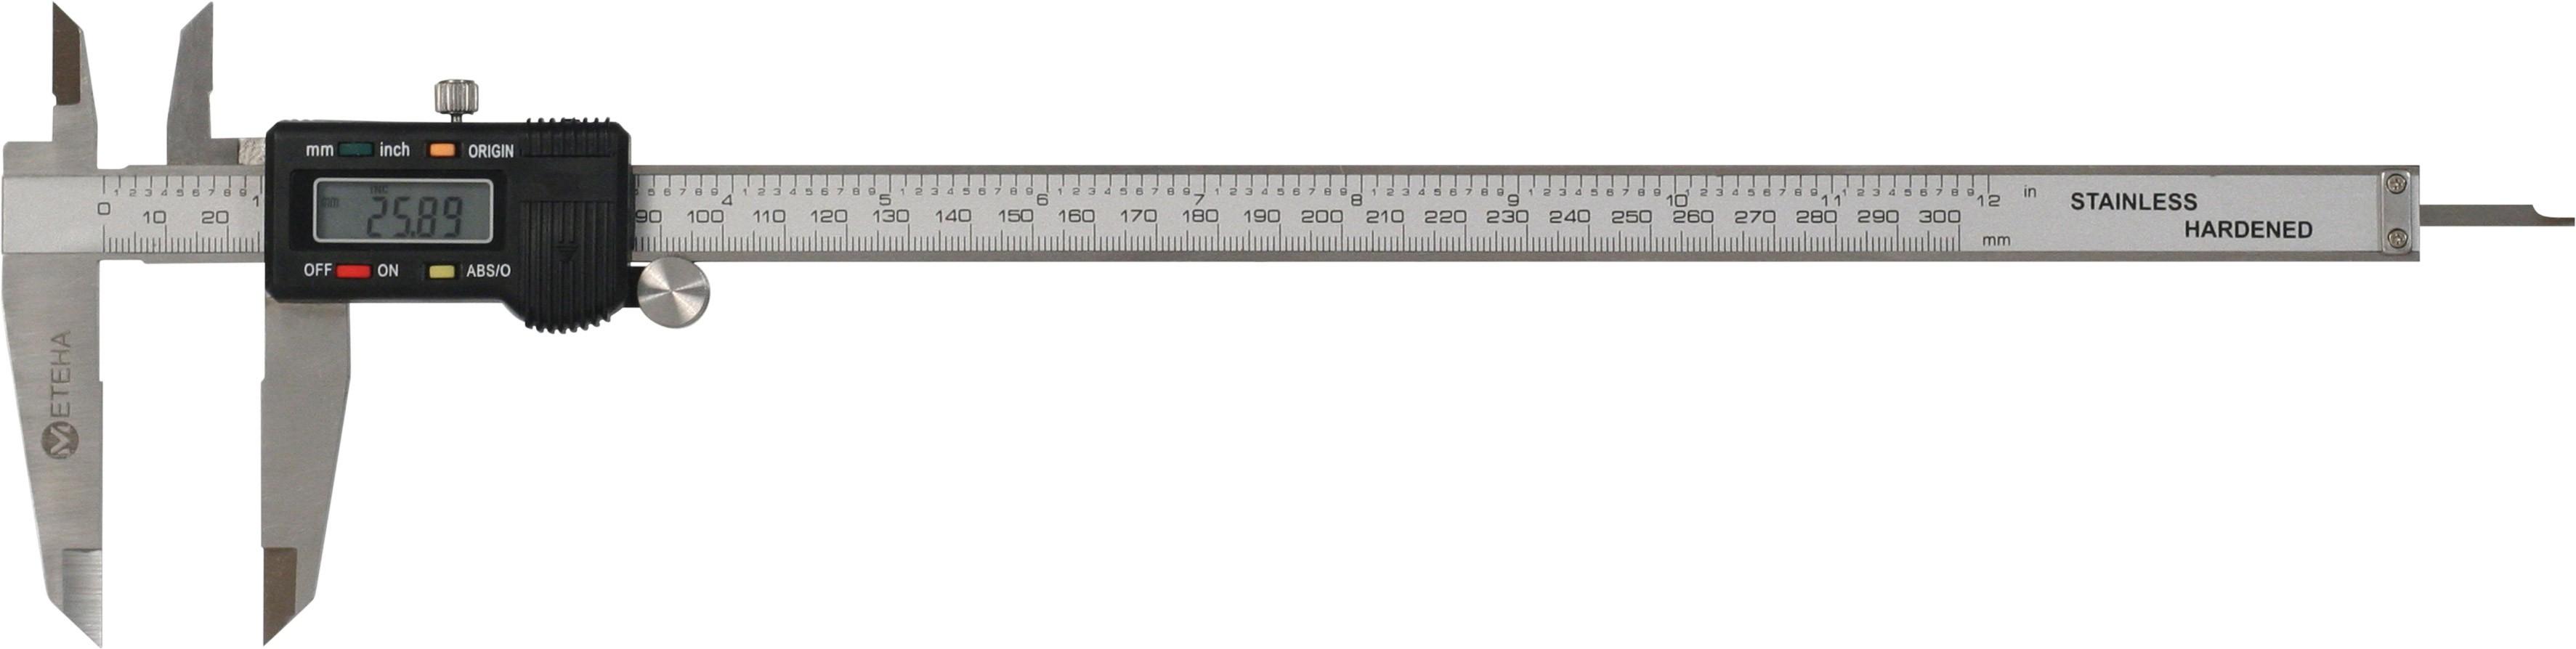 METEHA digitale Schieblehre ABS/Origin 300mm